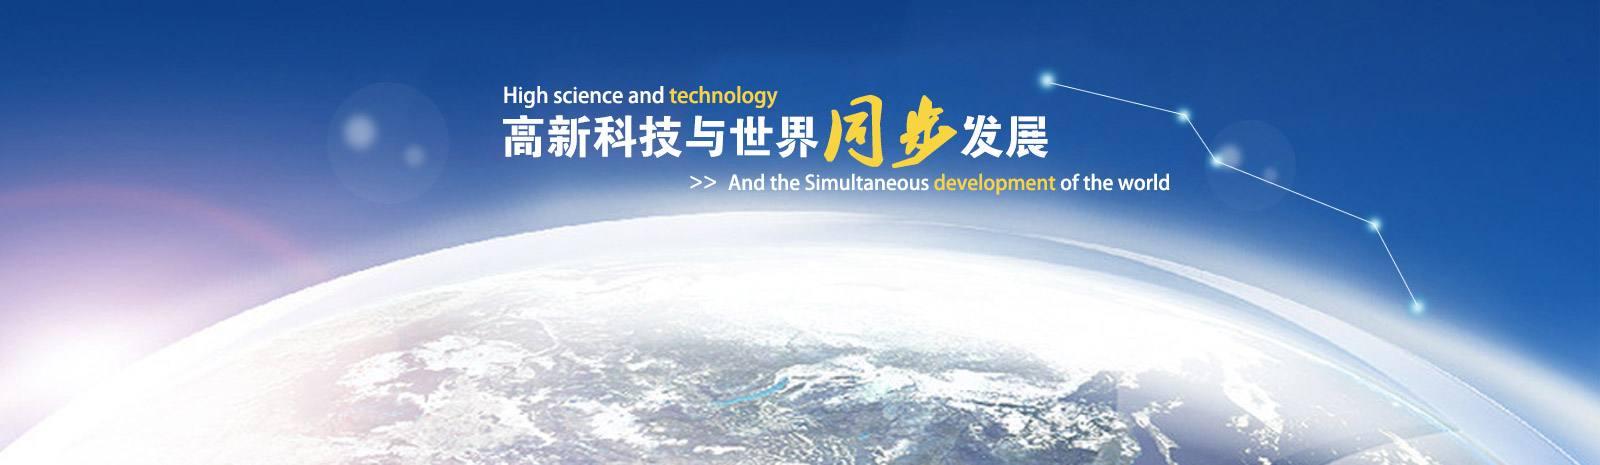 瑞安远东电缆有限公司订做 客户至上「远东电缆苏州新区专卖供应」